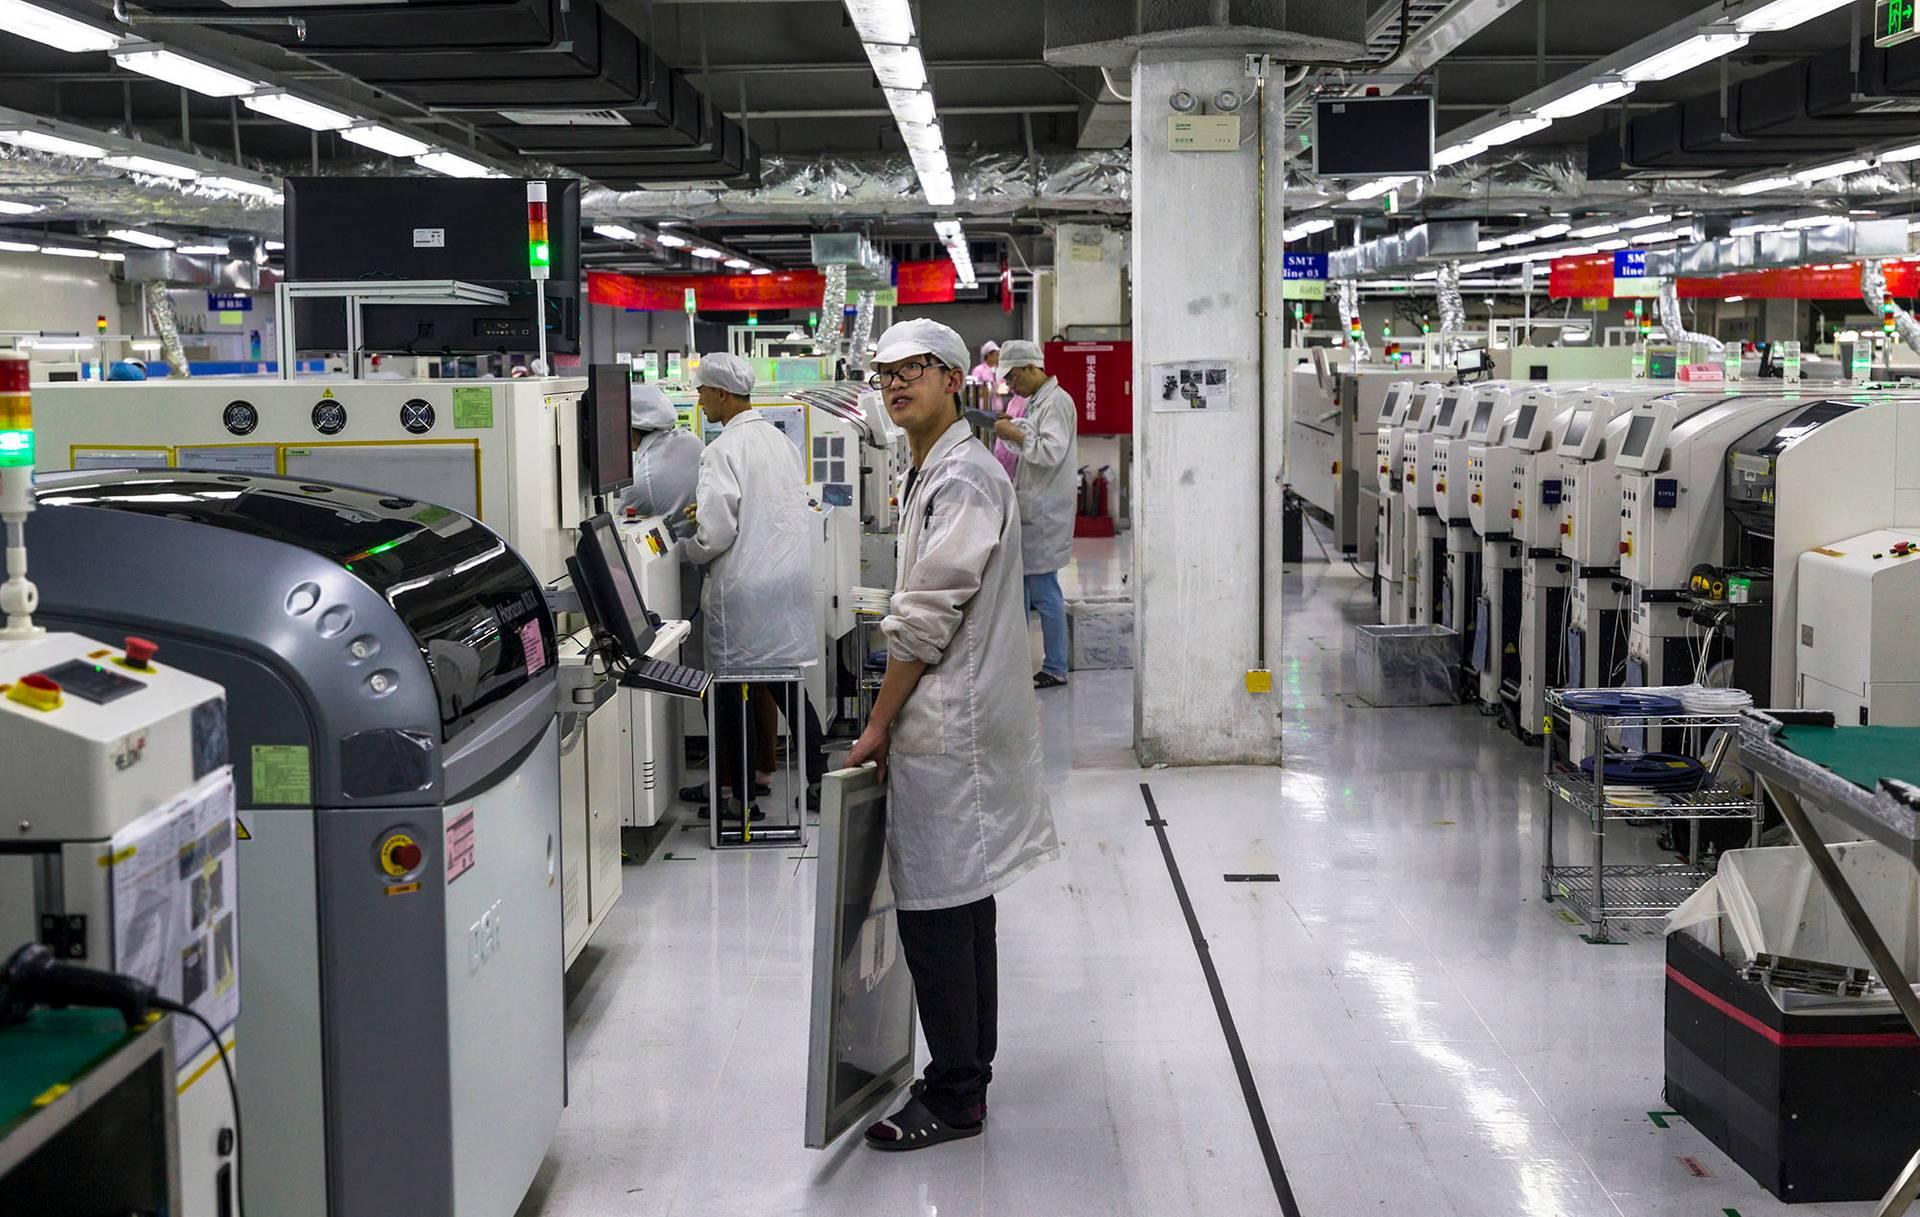 Люди працюють на машинах на заводі Foxconn у місті Ґуйян, провінція Ґуйчжоу, Китай, 28 травня 2018 року. Завод Foxconn у Ґуйяні — головний партнер компанії Apple — випустив 16 мільйонів смартфонів для Nokia та Huawei у 2017 році майже 30 мільйонів у 2018 році. У 2010 році через жорсткі умови праці завод накрила звиля самогубств робітників. Після того, як про це розповіли журналісти керівництво заводу обіцяло покращити умови